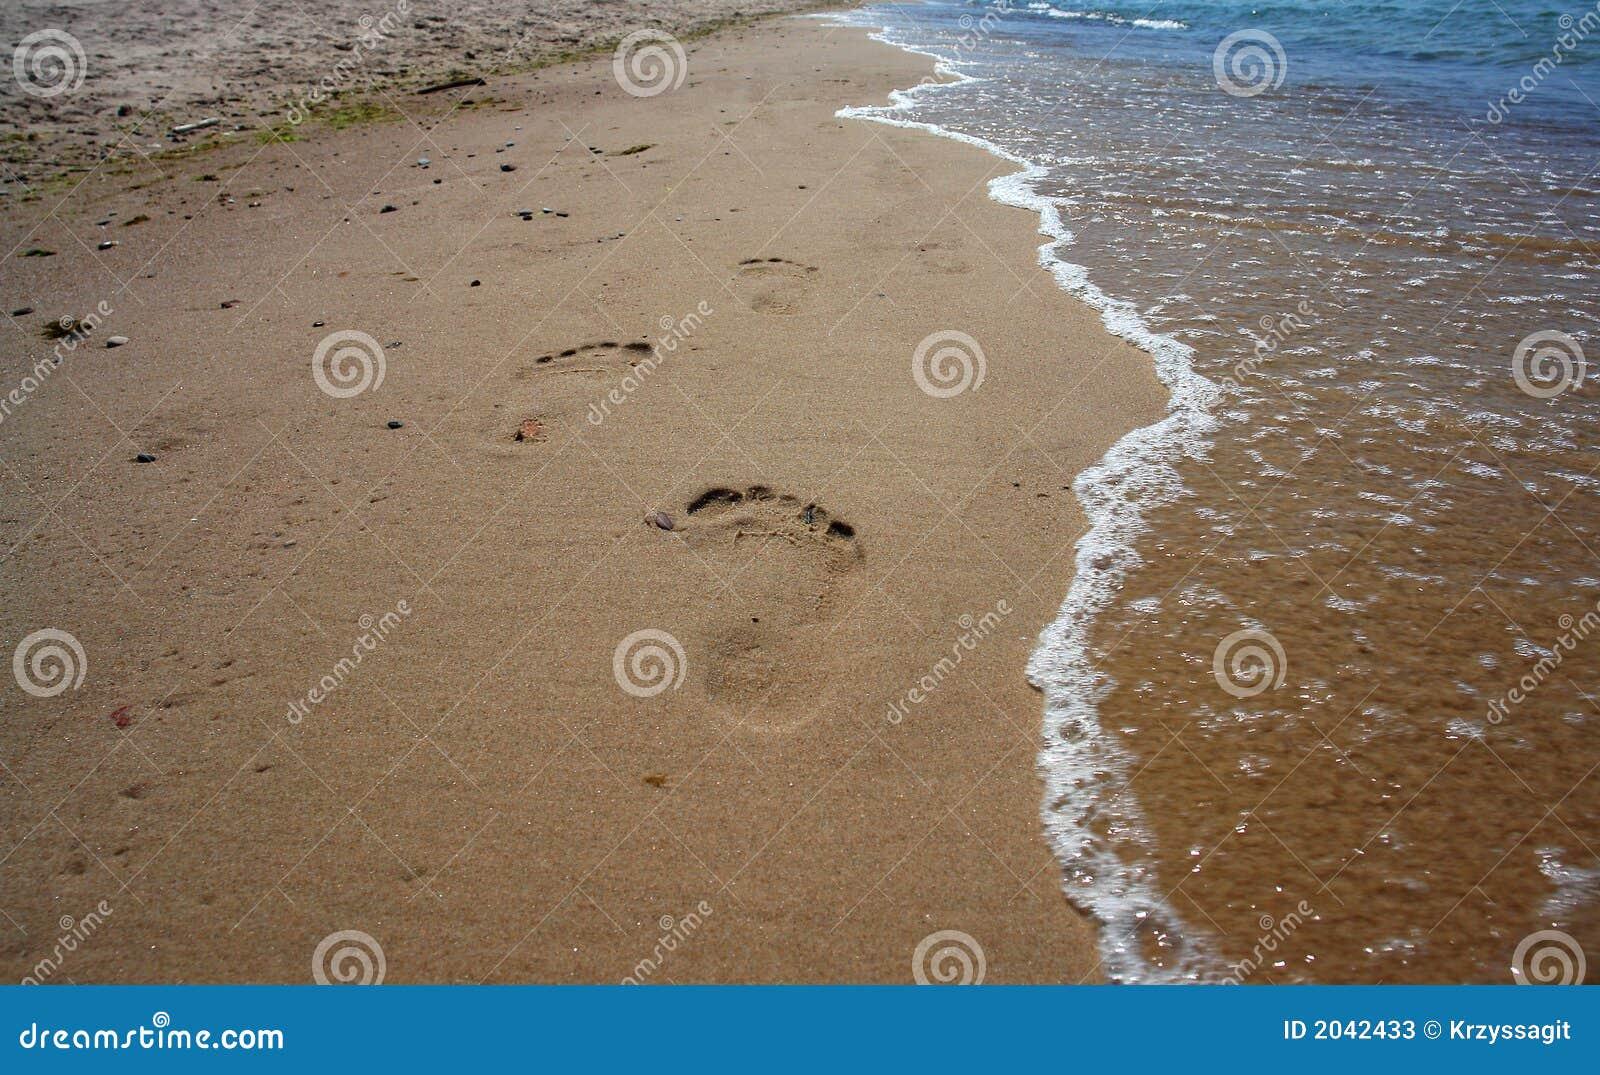 Huellas en la arena de la playa imagen de archivo for Arena de playa precio